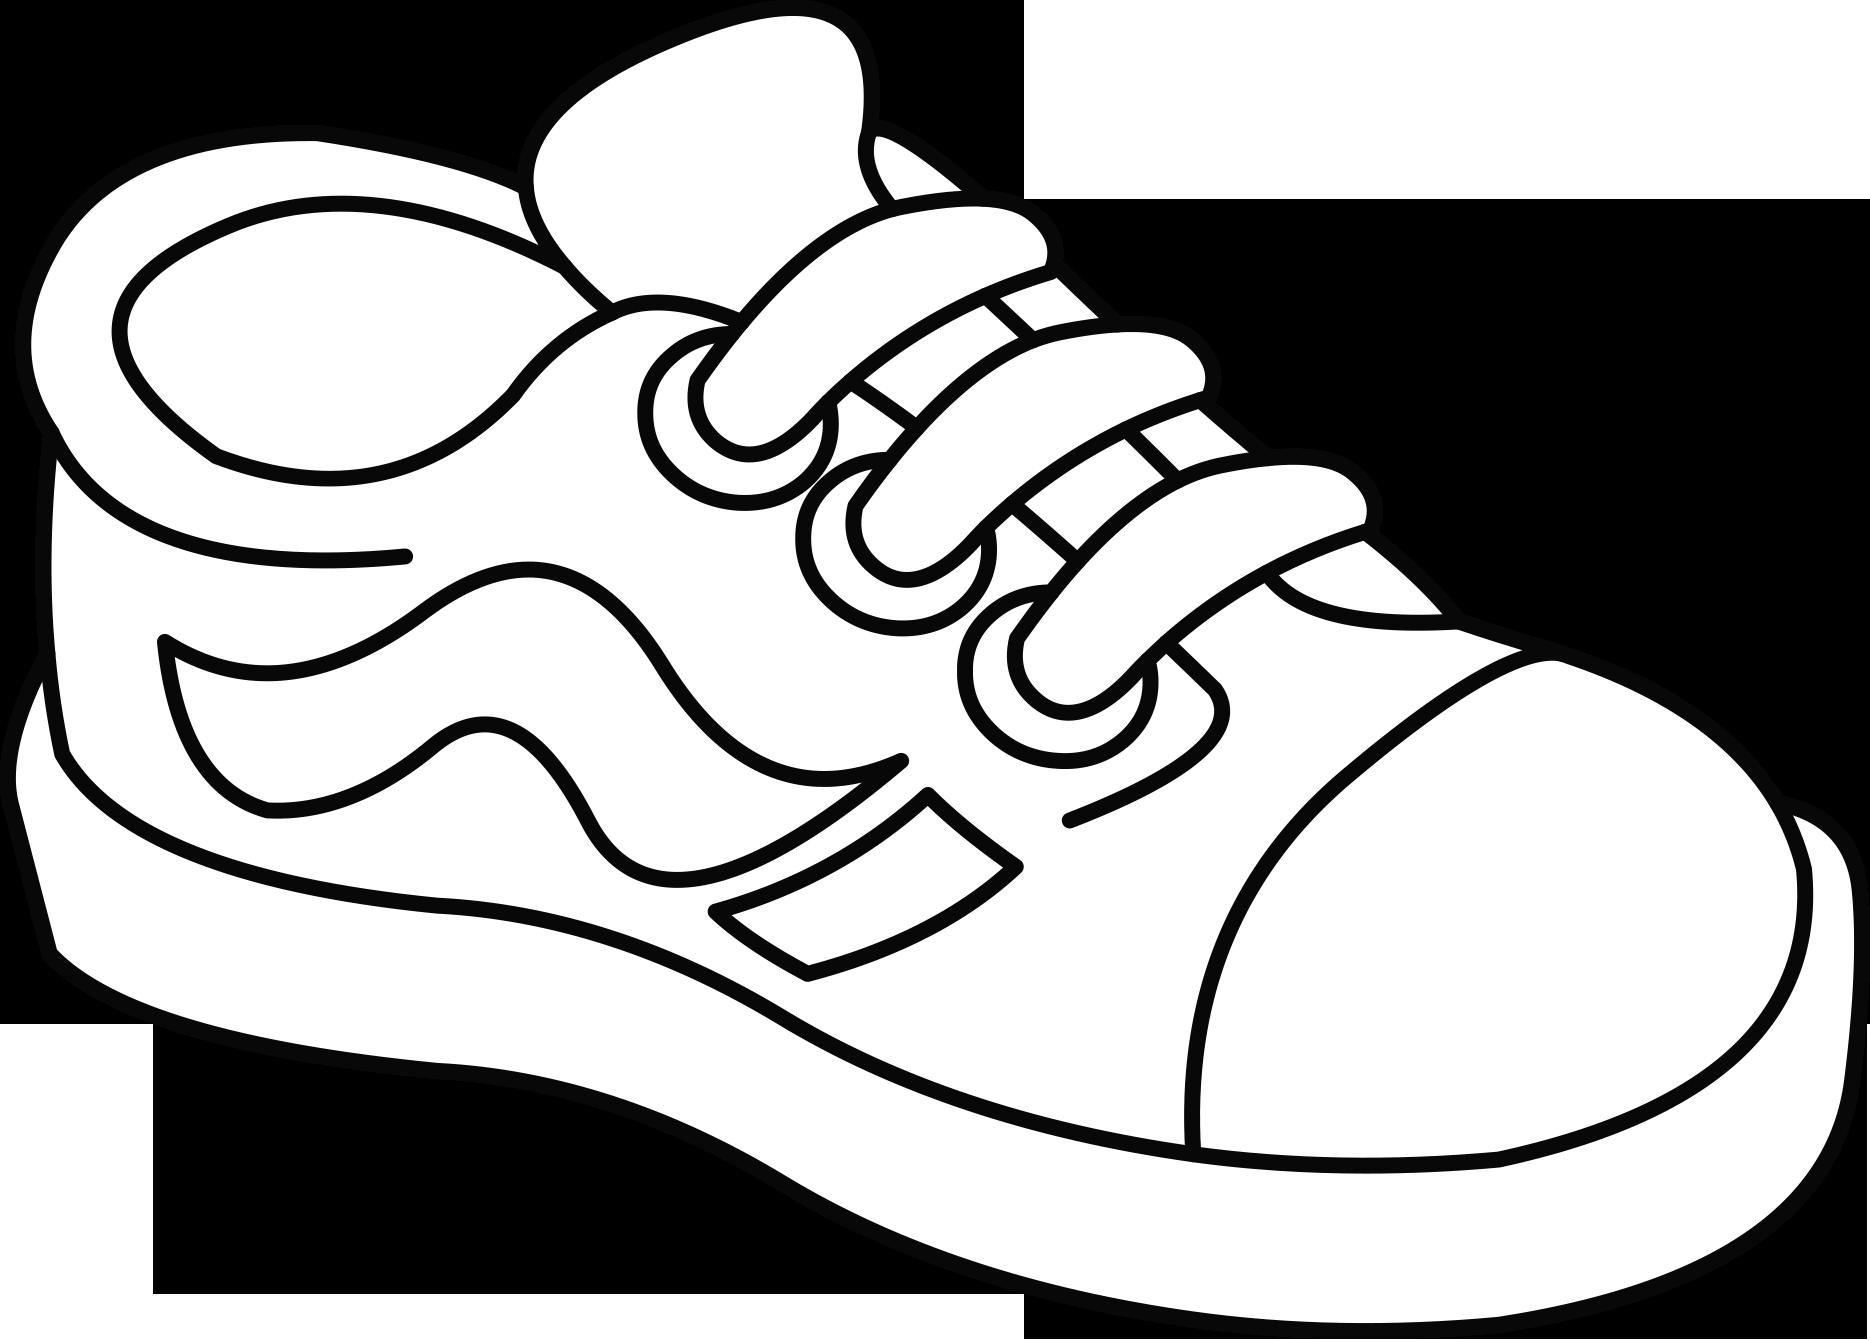 crealo tu melonheadz. Clipart shoes baseball